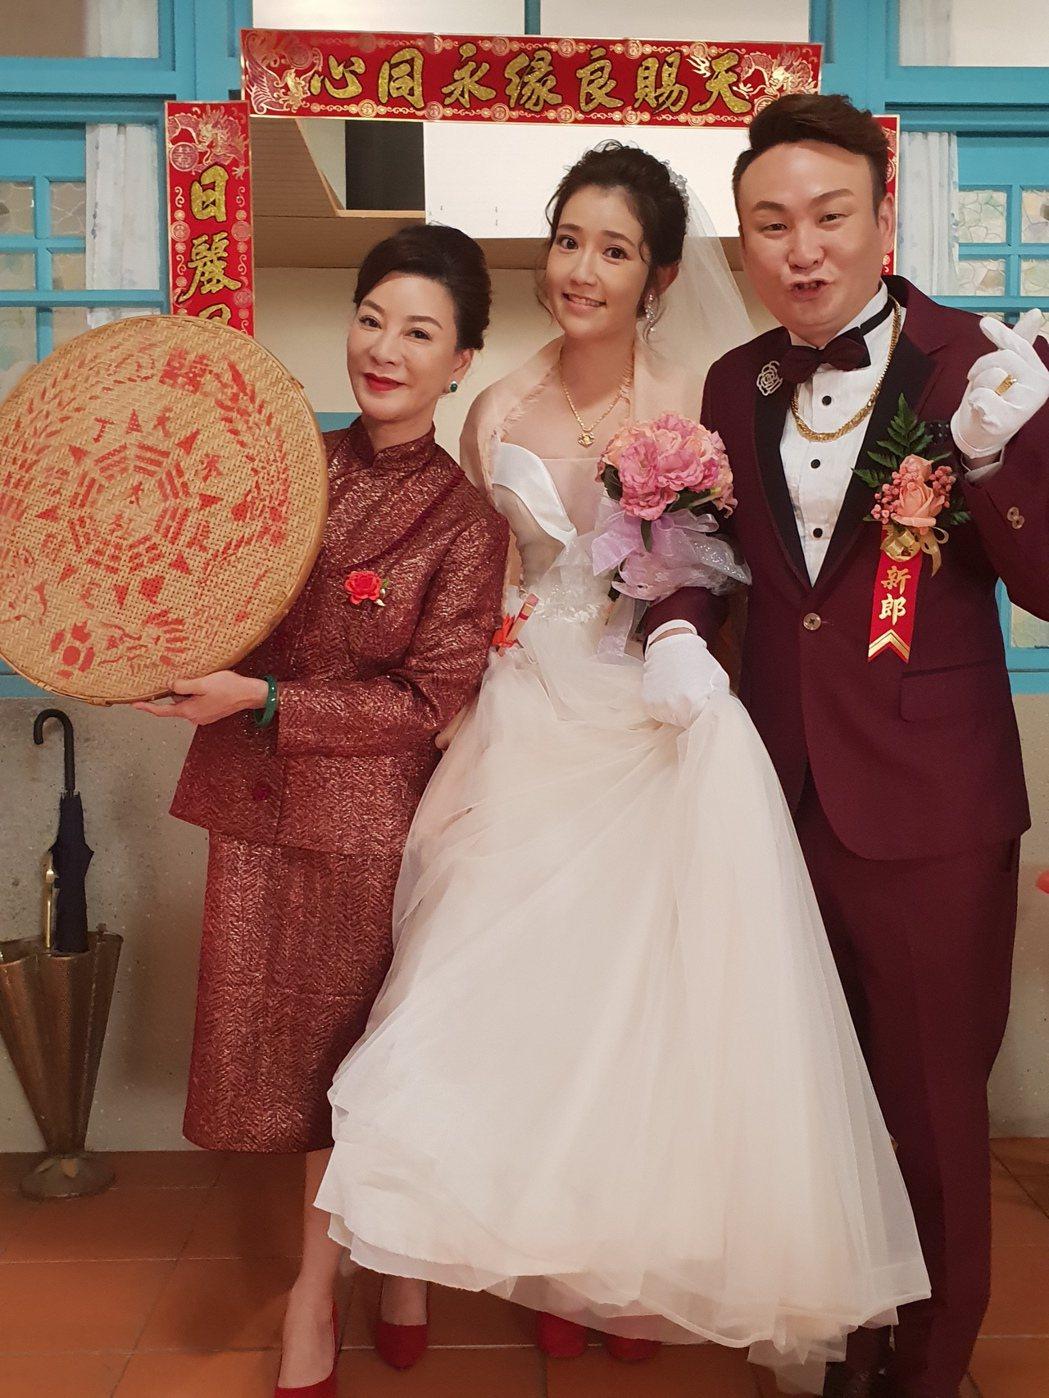 「大時代」演員楊繡惠(左起)演出萬年媒人婆,郭亞棠、紅毛拍結婚戲。圖/民視提供